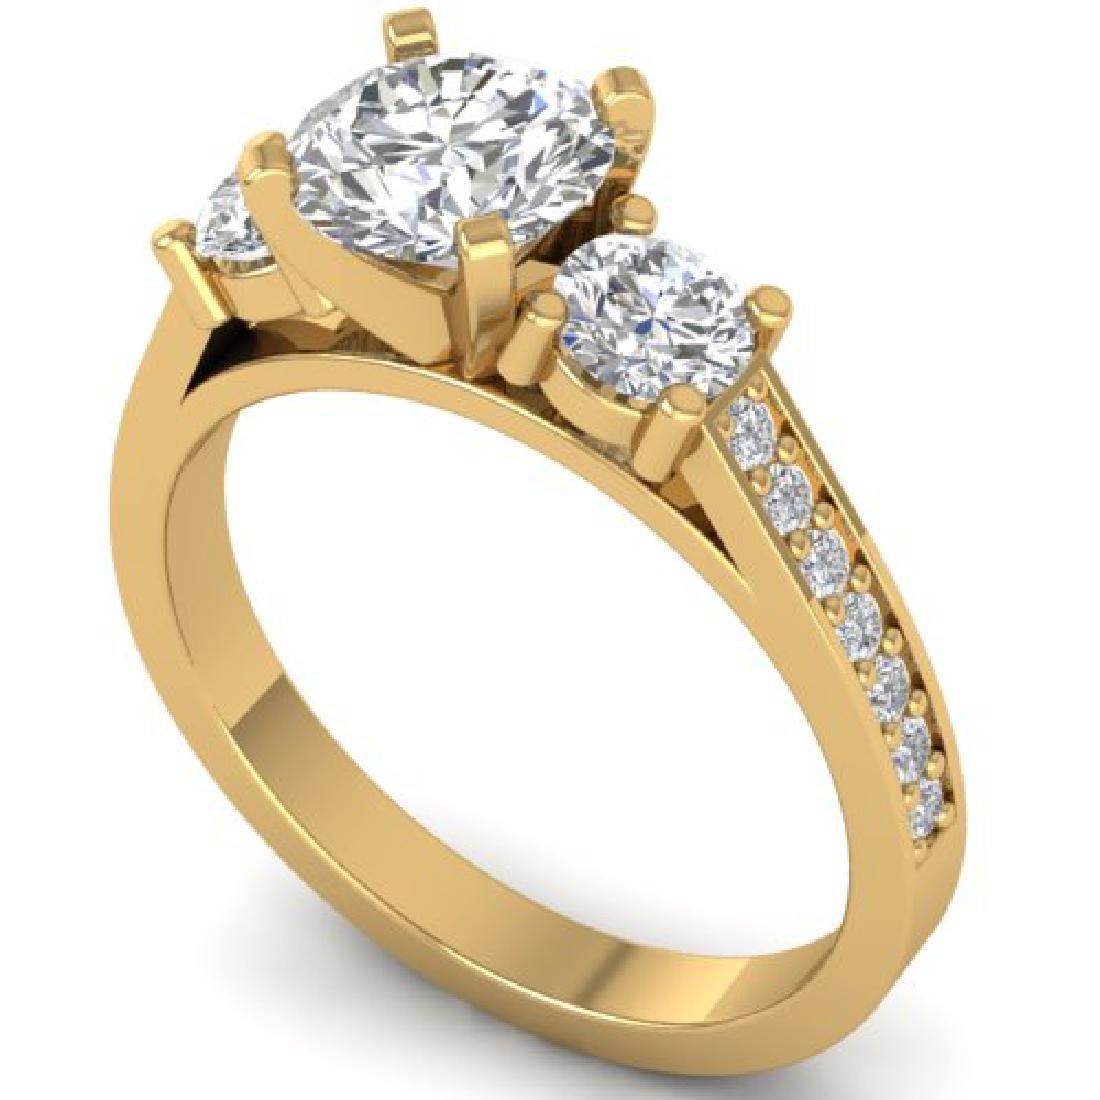 1.75 CTW Certified VS/SI Diamond 3 Stone Ring 18K - 2